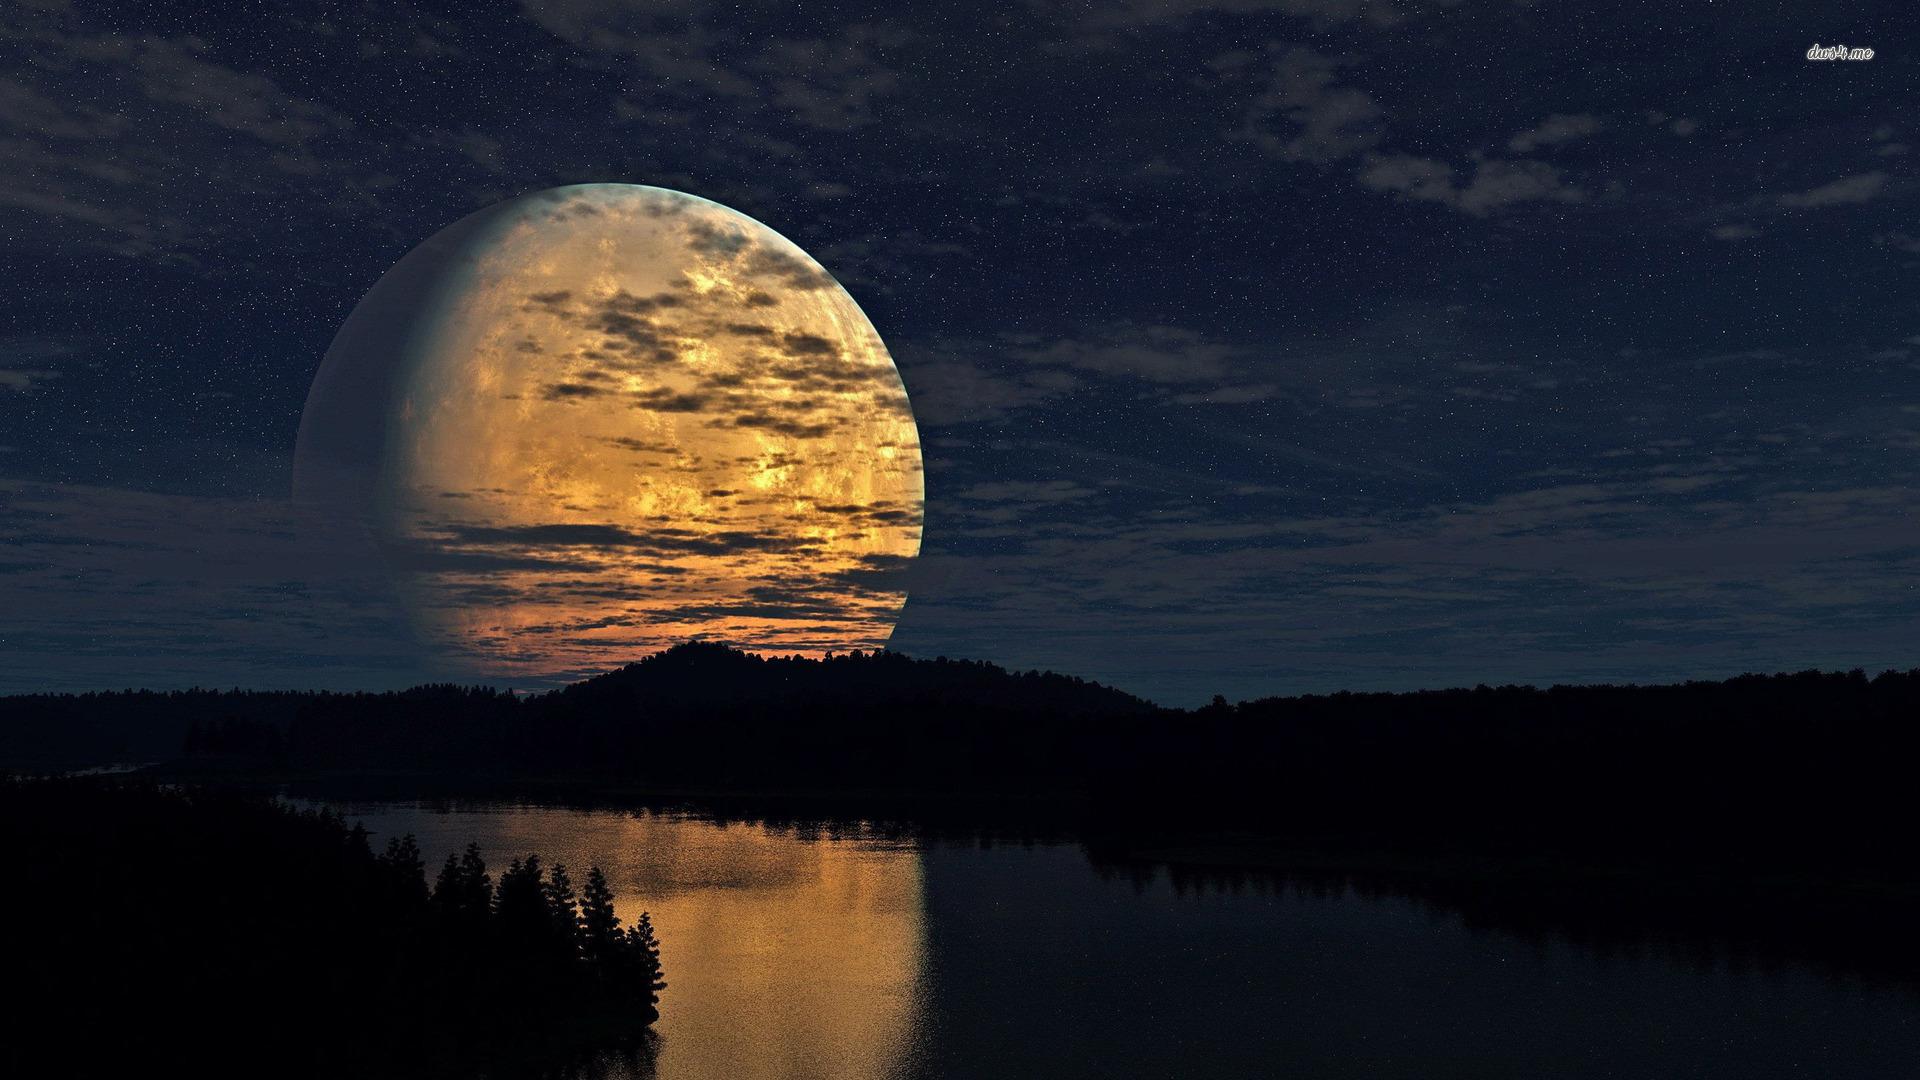 wallpaper 24531 full moon shining river 1920x1080 fantasy wallpaper 1920x1080